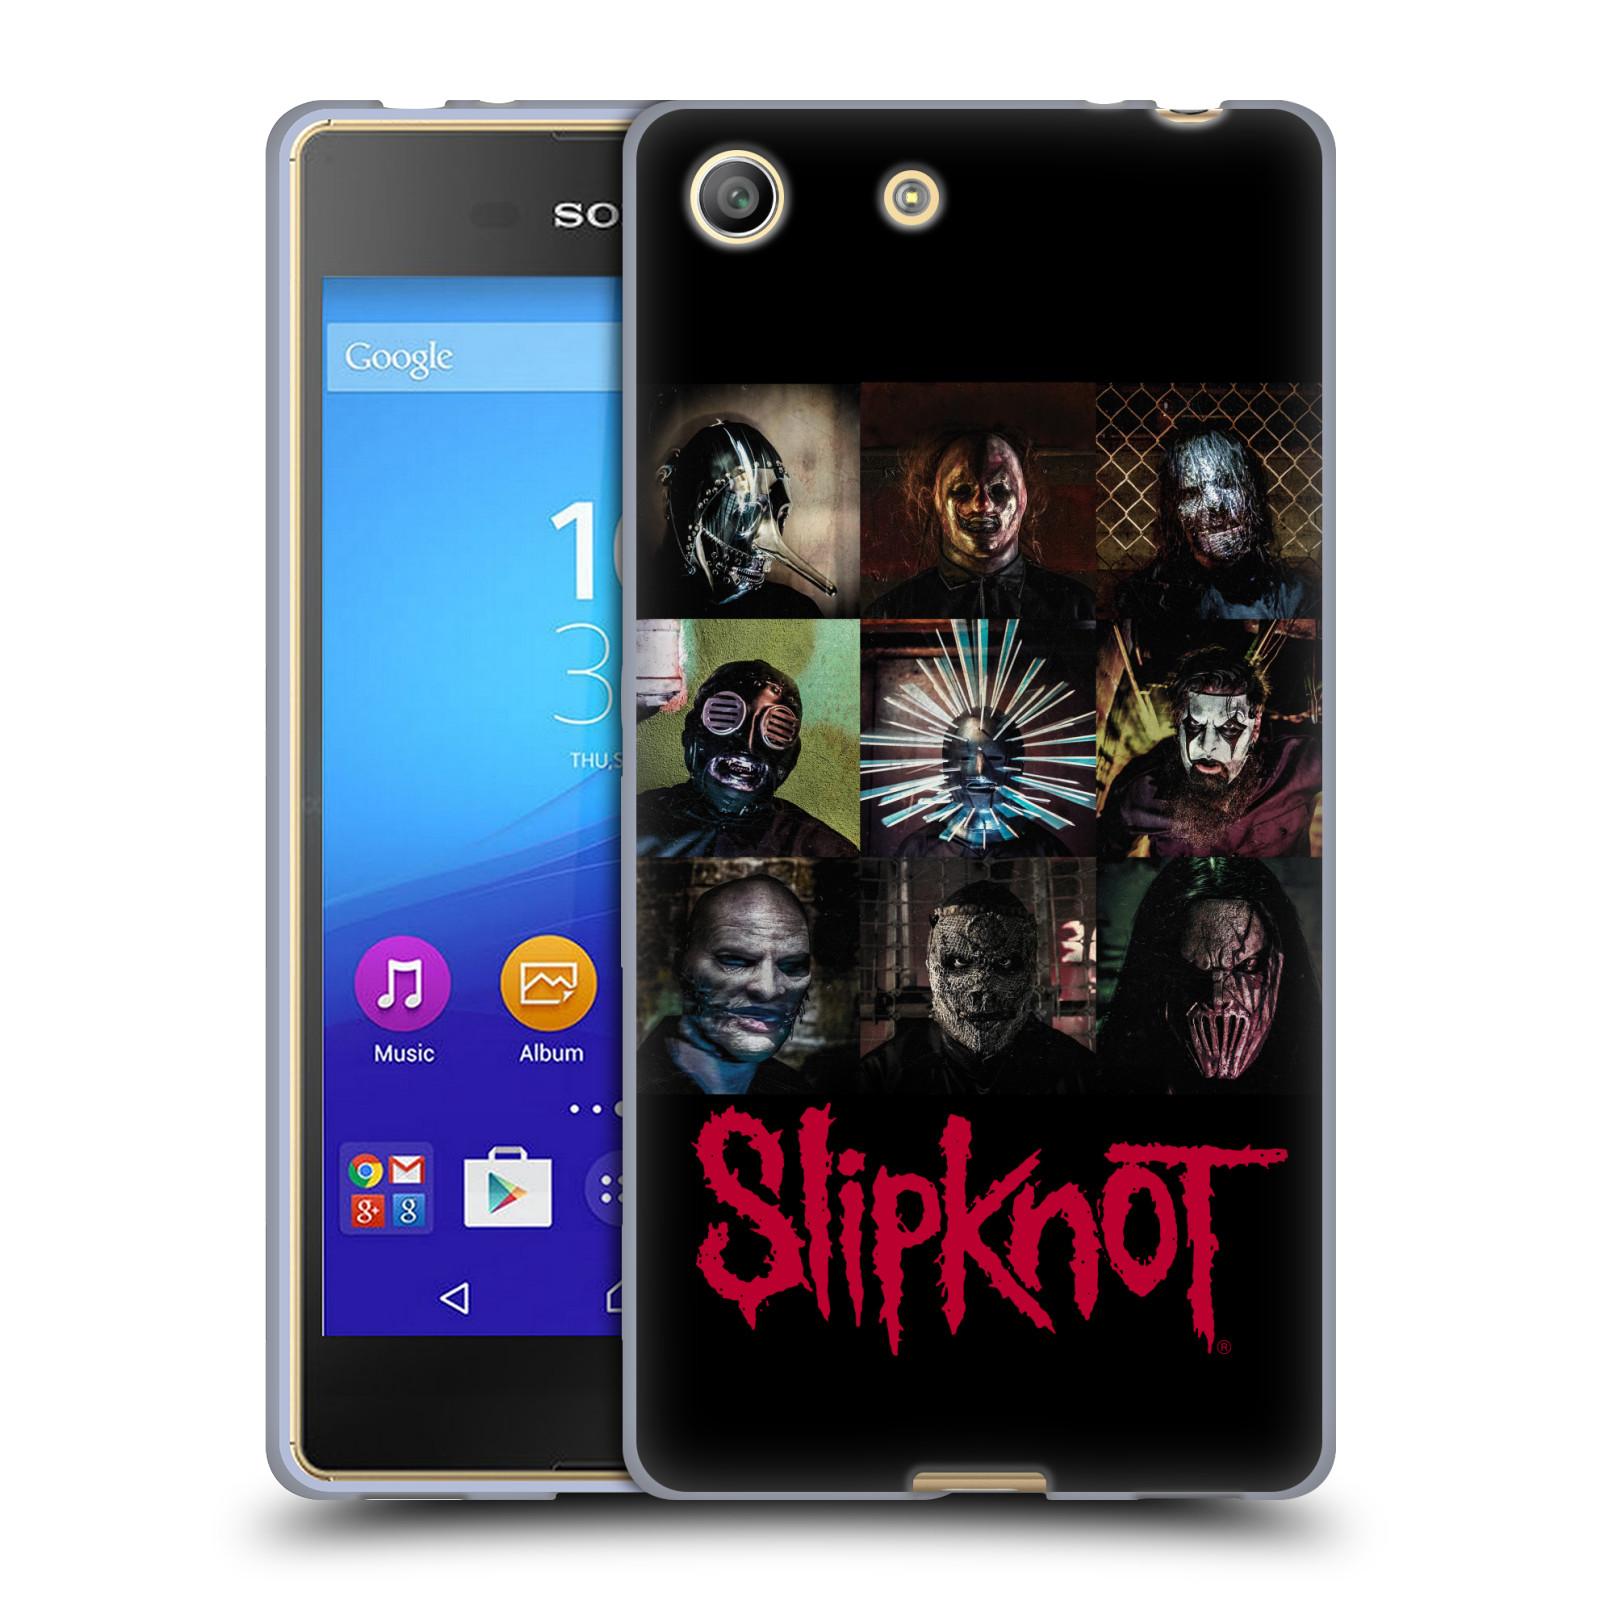 Silikonové pouzdro na mobil Sony Xperia M5 HEAD CASE Slipknot - Bloky (Silikonový kryt či obal na mobilní telefon licencovaným motivem Slipknot pro Sony Xperia M5 Dual SIM / Aqua)